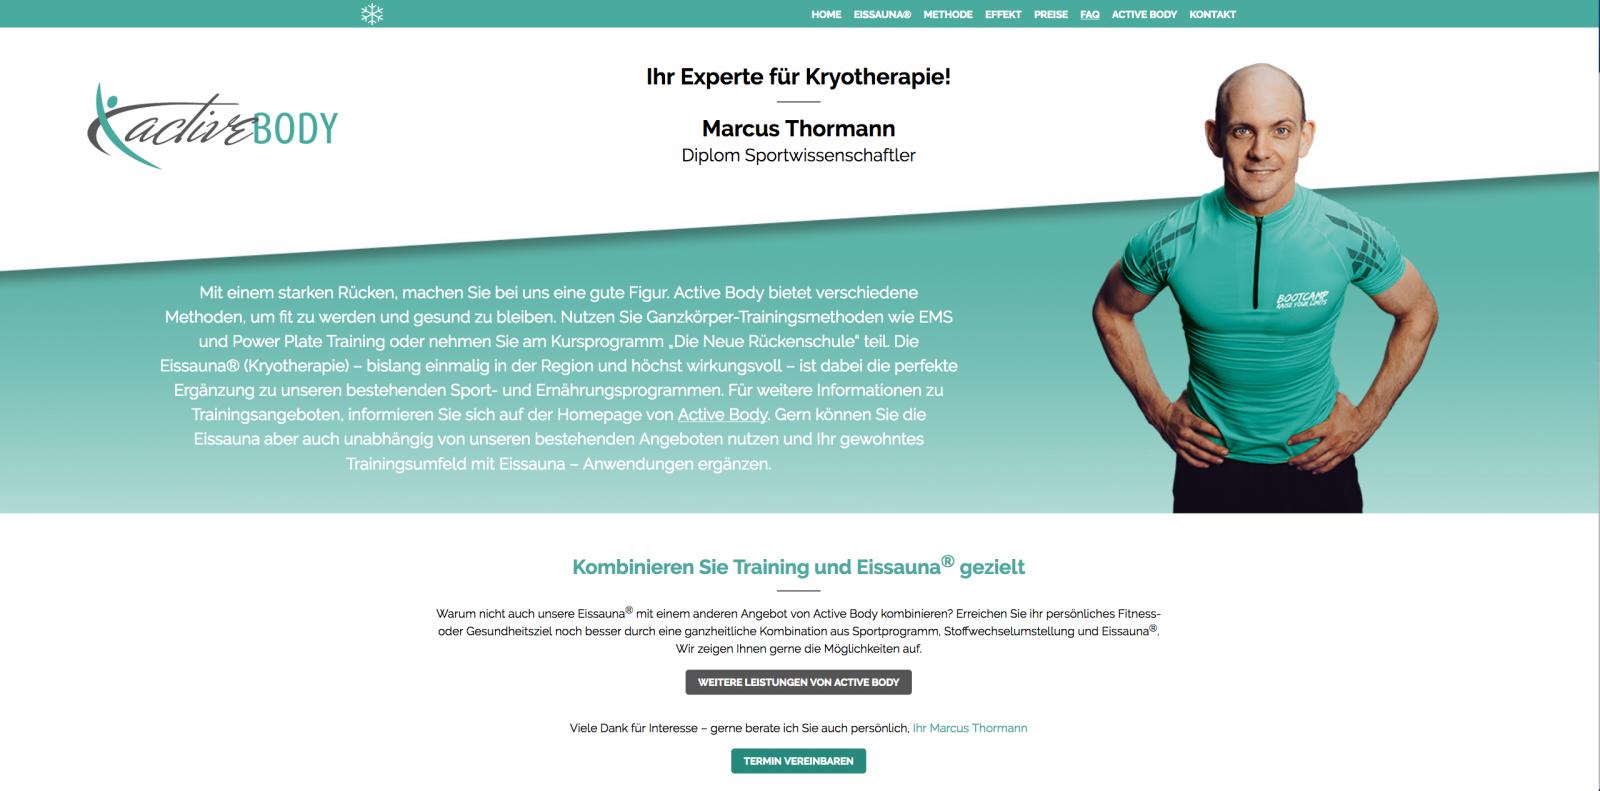 active-body-bergisch-gladbach-kryotherapie-kaeltetherapie